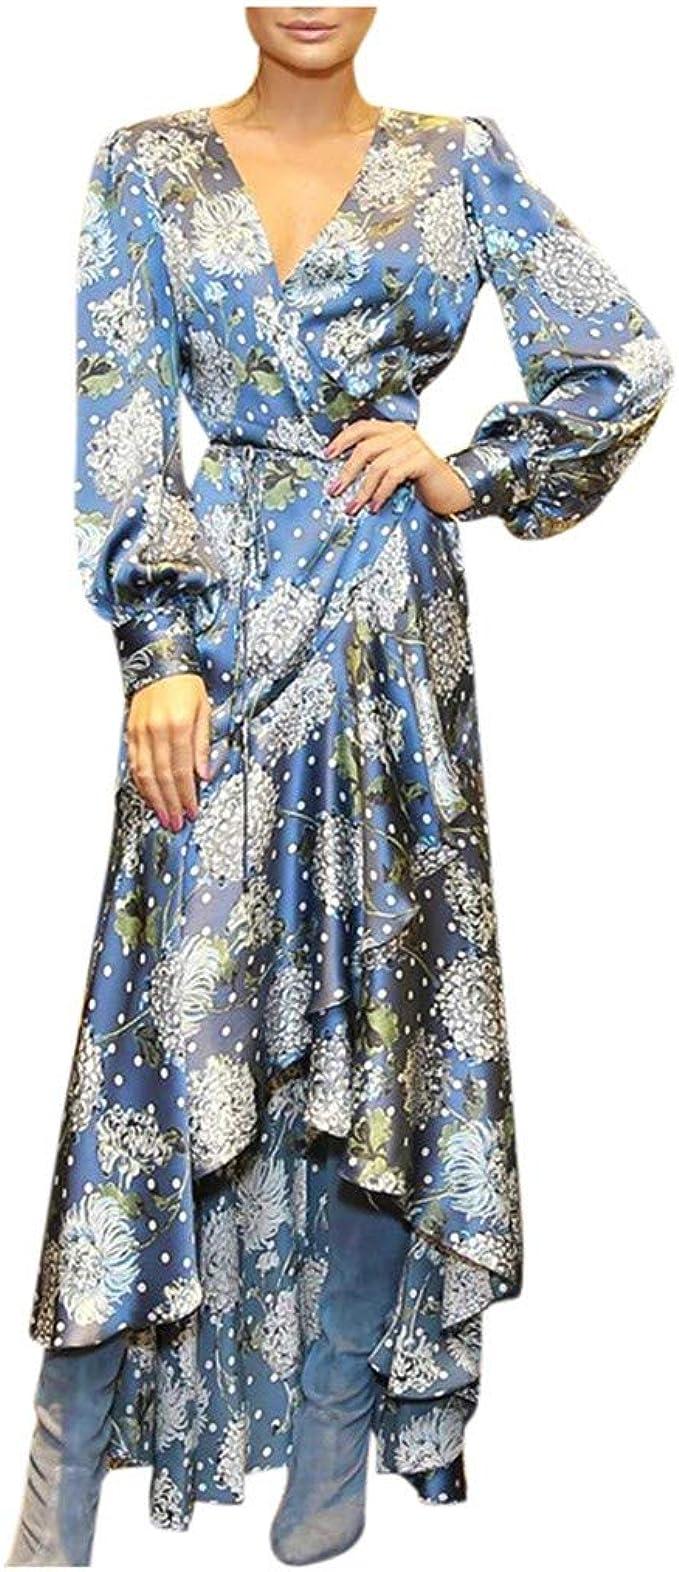 profondità Ecologia Convertire  Benbzh Abiti Lunghi da Donna Stampati a Manica Lunga con Scollo a V Autunno  Vintage Sexy Vestiti da Spiaggia Donna Eleganti Stampati Asimmetrico  Vestiti: Amazon.it: Abbigliamento